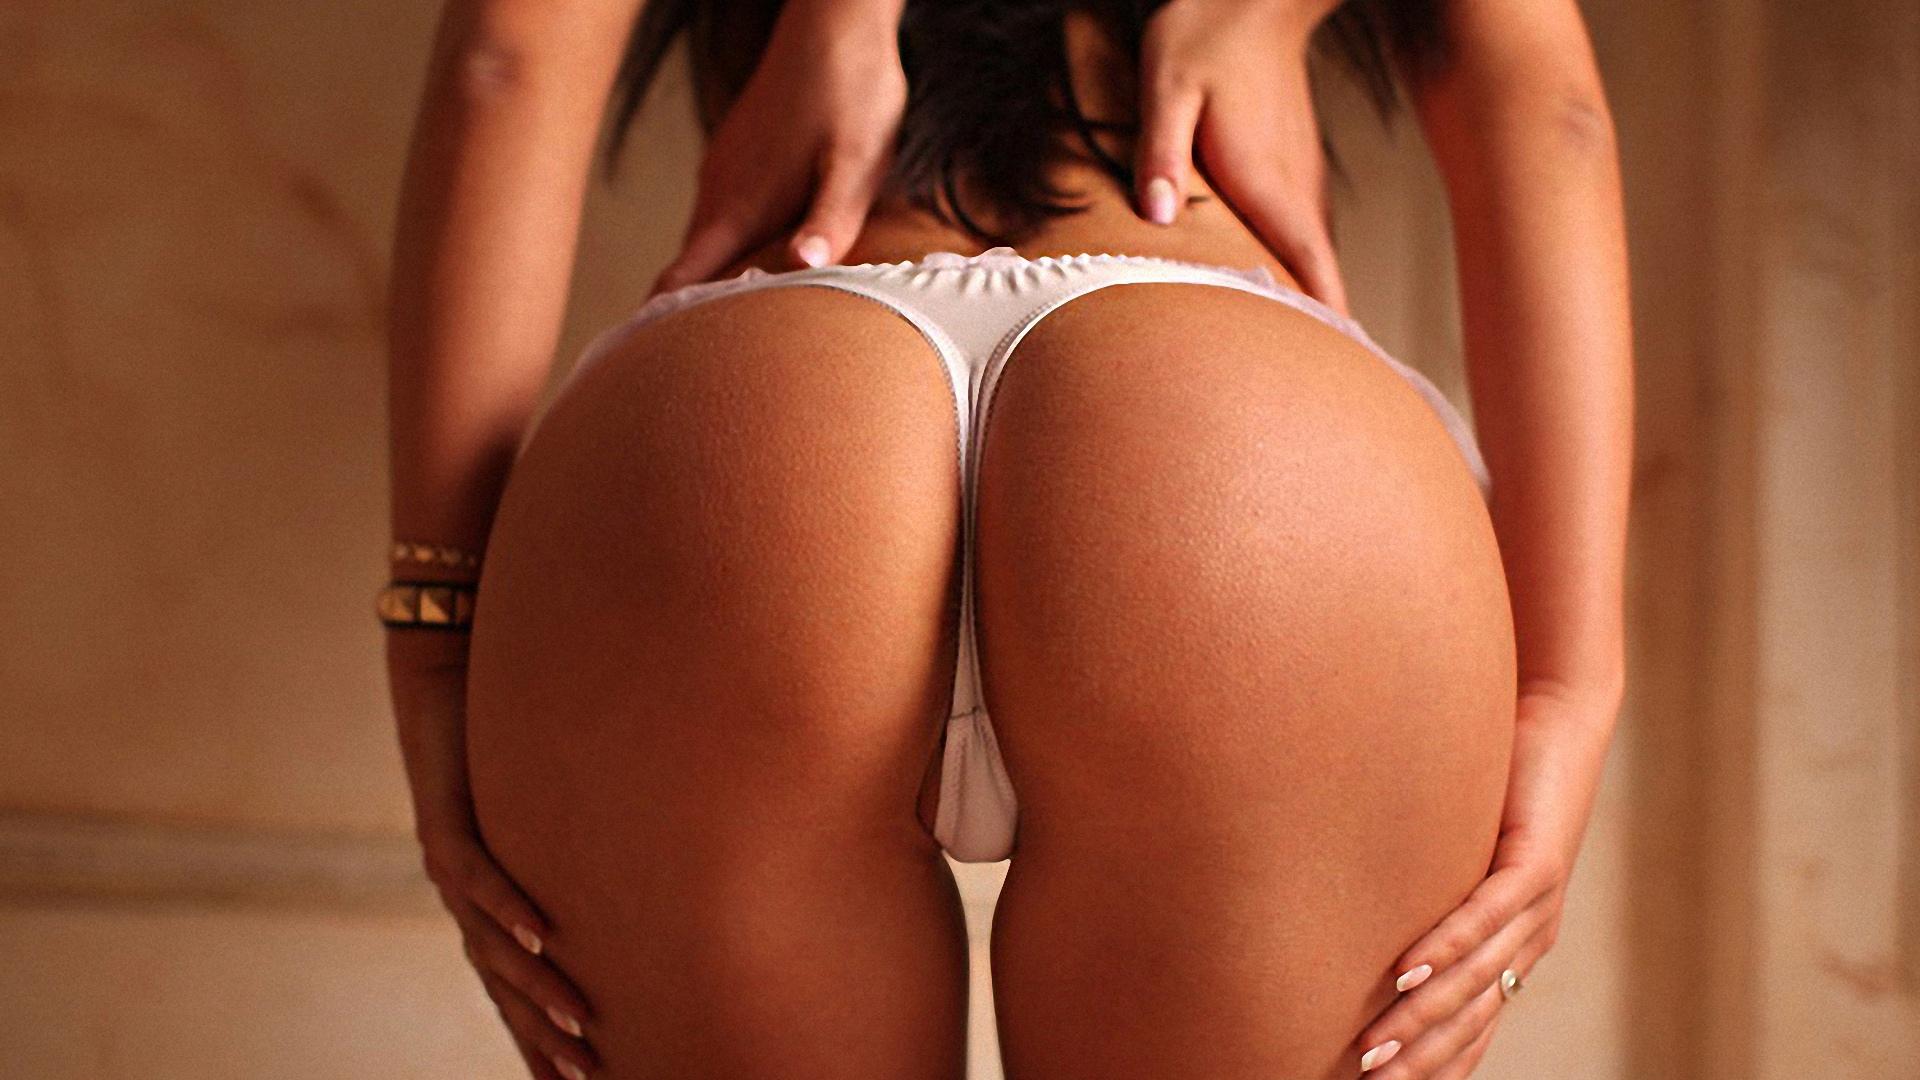 порно девушки в стрингах красивая задницы что она ногами